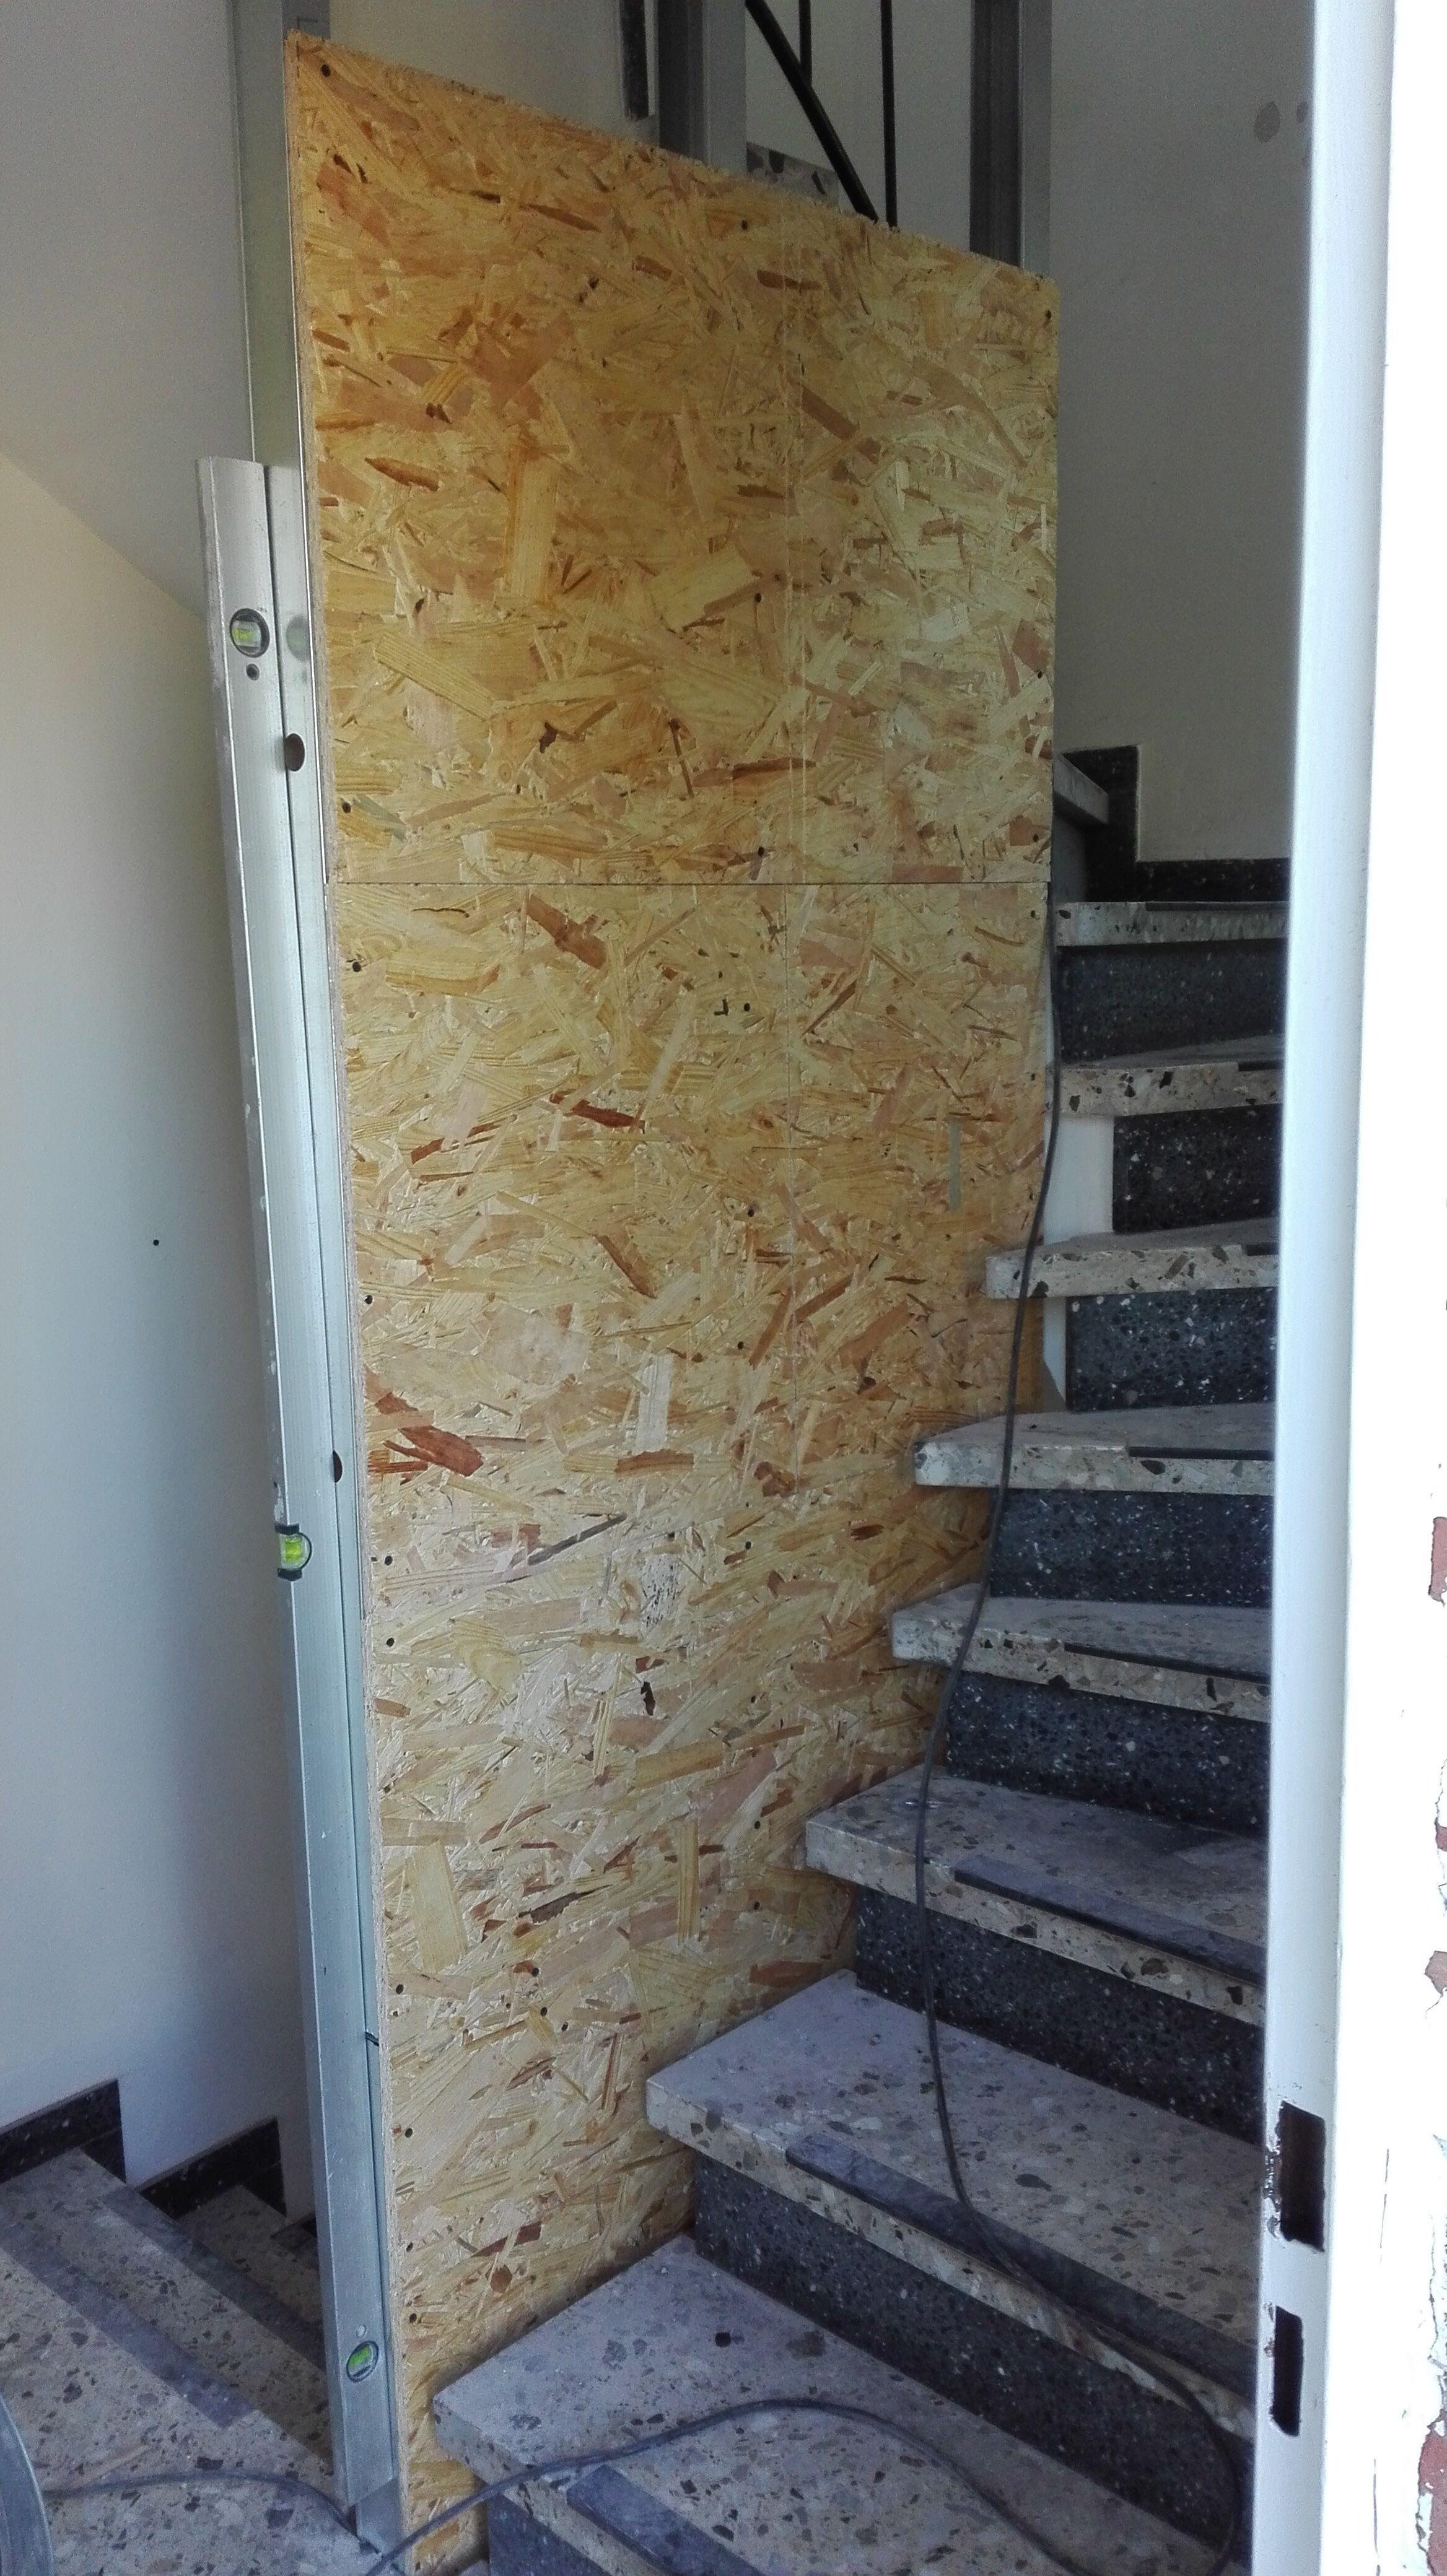 Treppenhaus makeover- Sanierung im 60 Jahre Flur